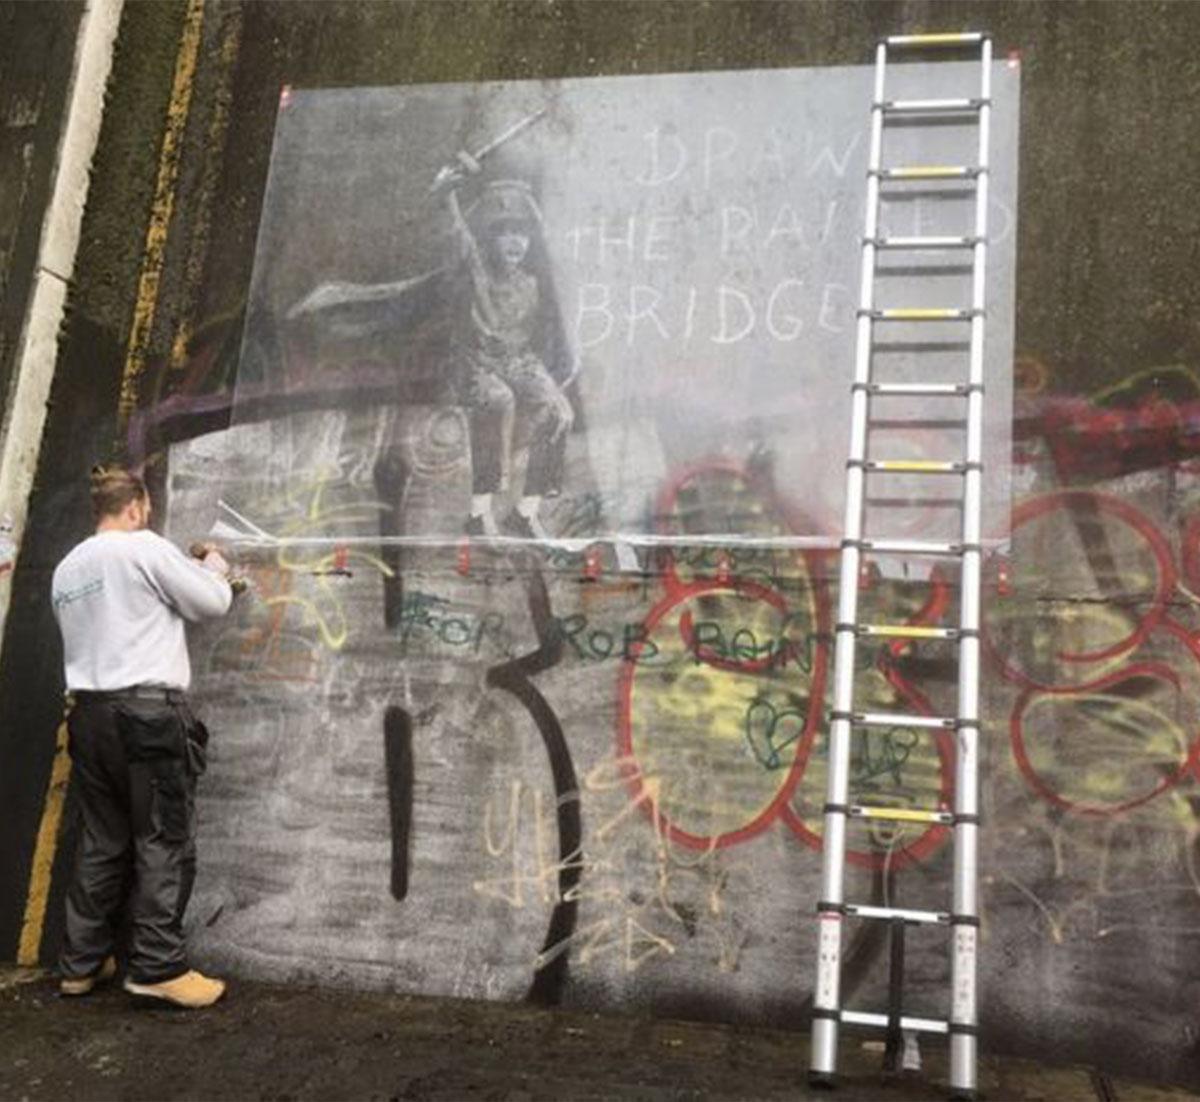 Jason Fanthorpe banksy fresque pont sauvetage graffiti protection hull - Une œuvre de Banksy sauvée in-extremis par un laveur de vitre